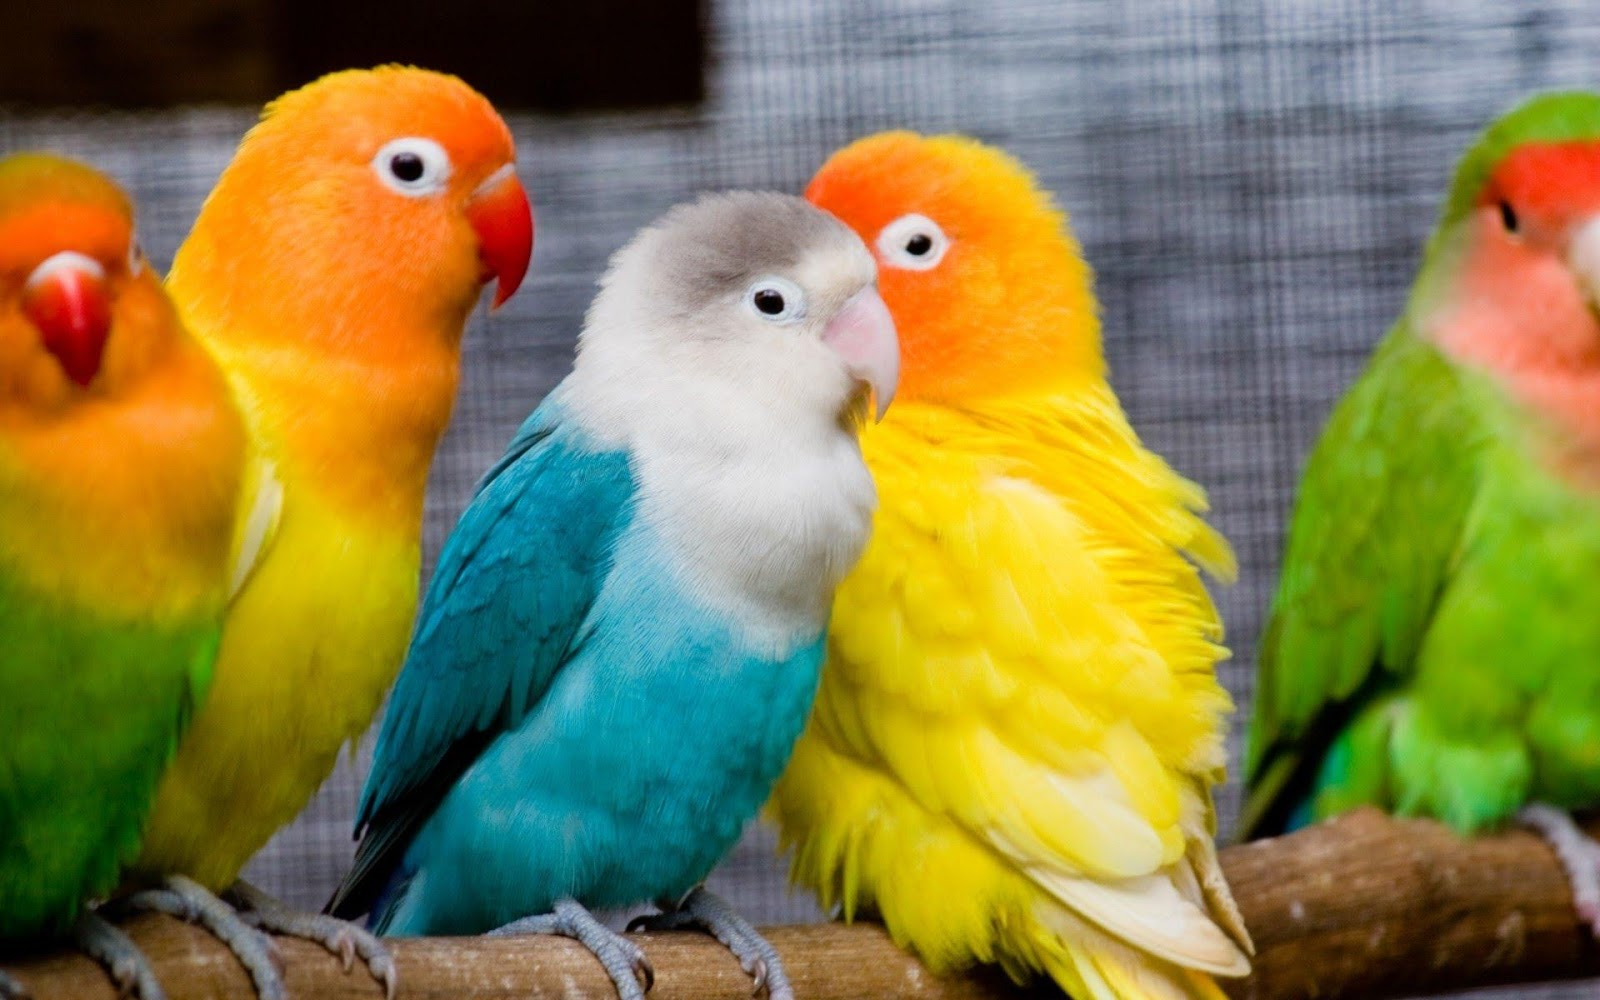 Daftar Harga Burung Lengkap Di Pasaran Terbaru Tahun 2018 2019